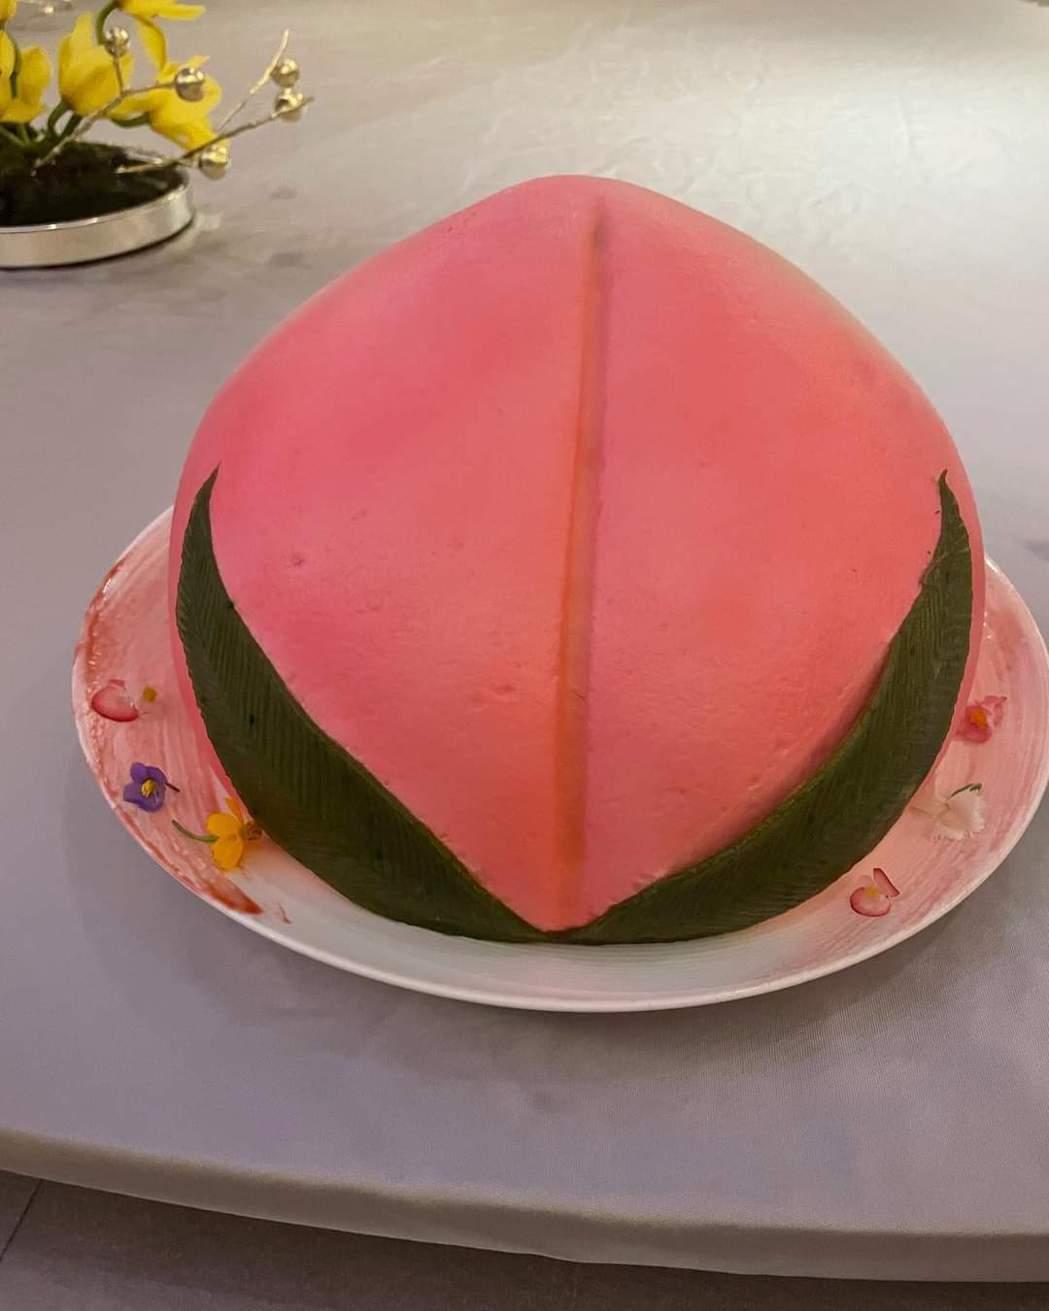 林心如生日收壽桃蛋糕。圖/摘自臉書